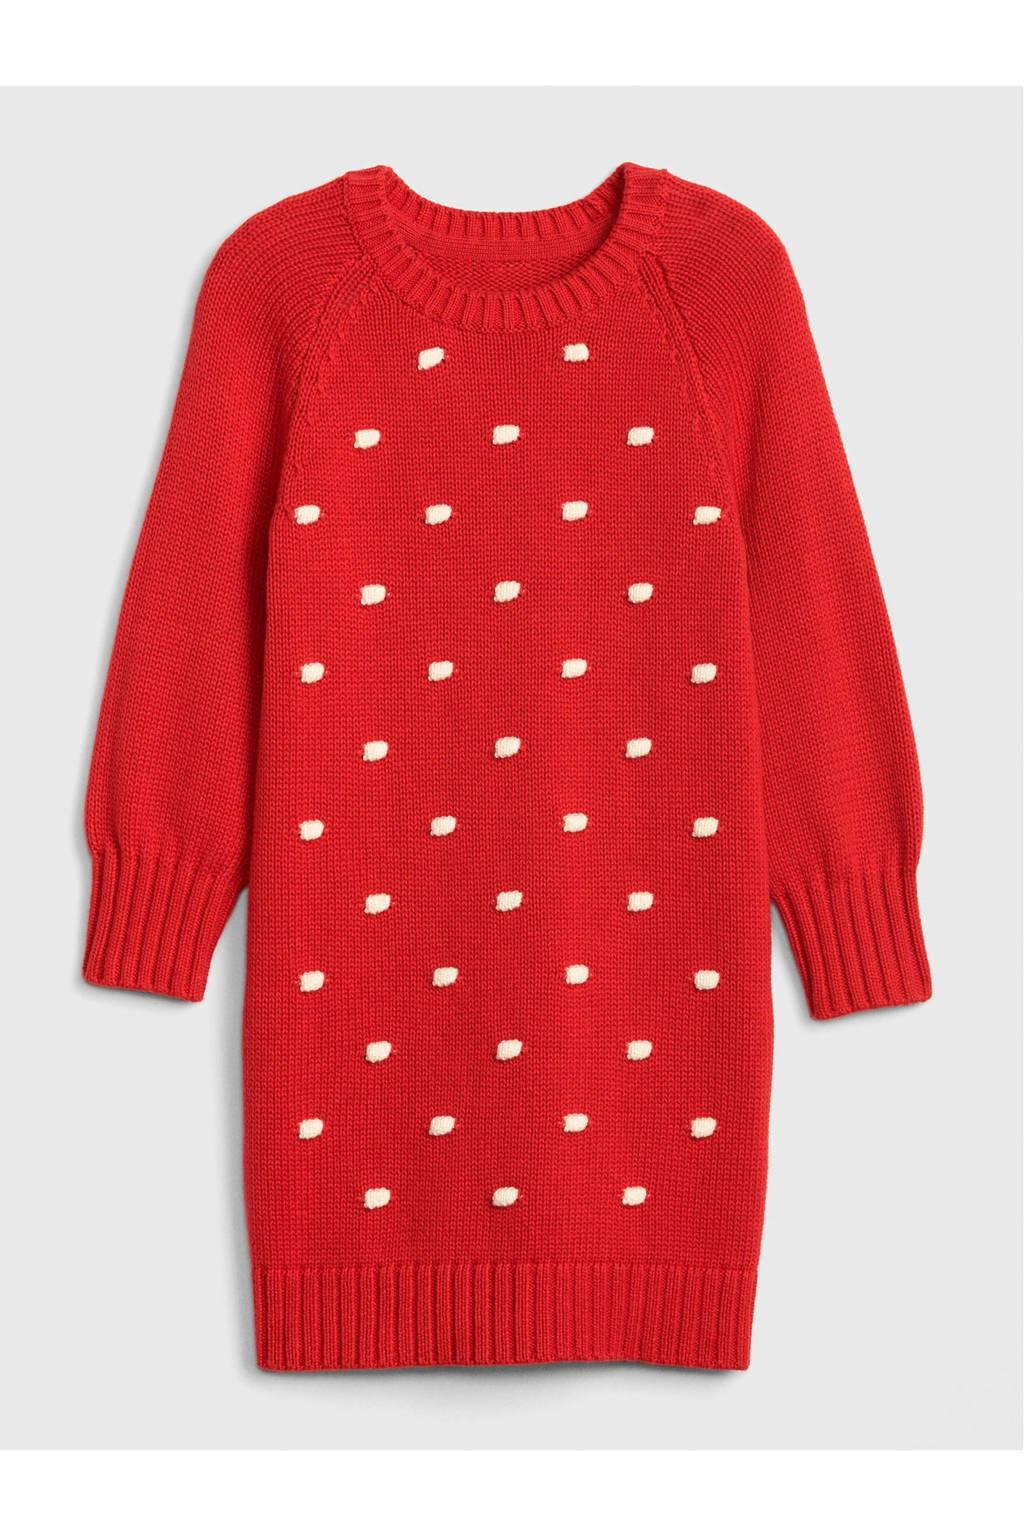 GAP gebreide jurk rood, Rood/wit